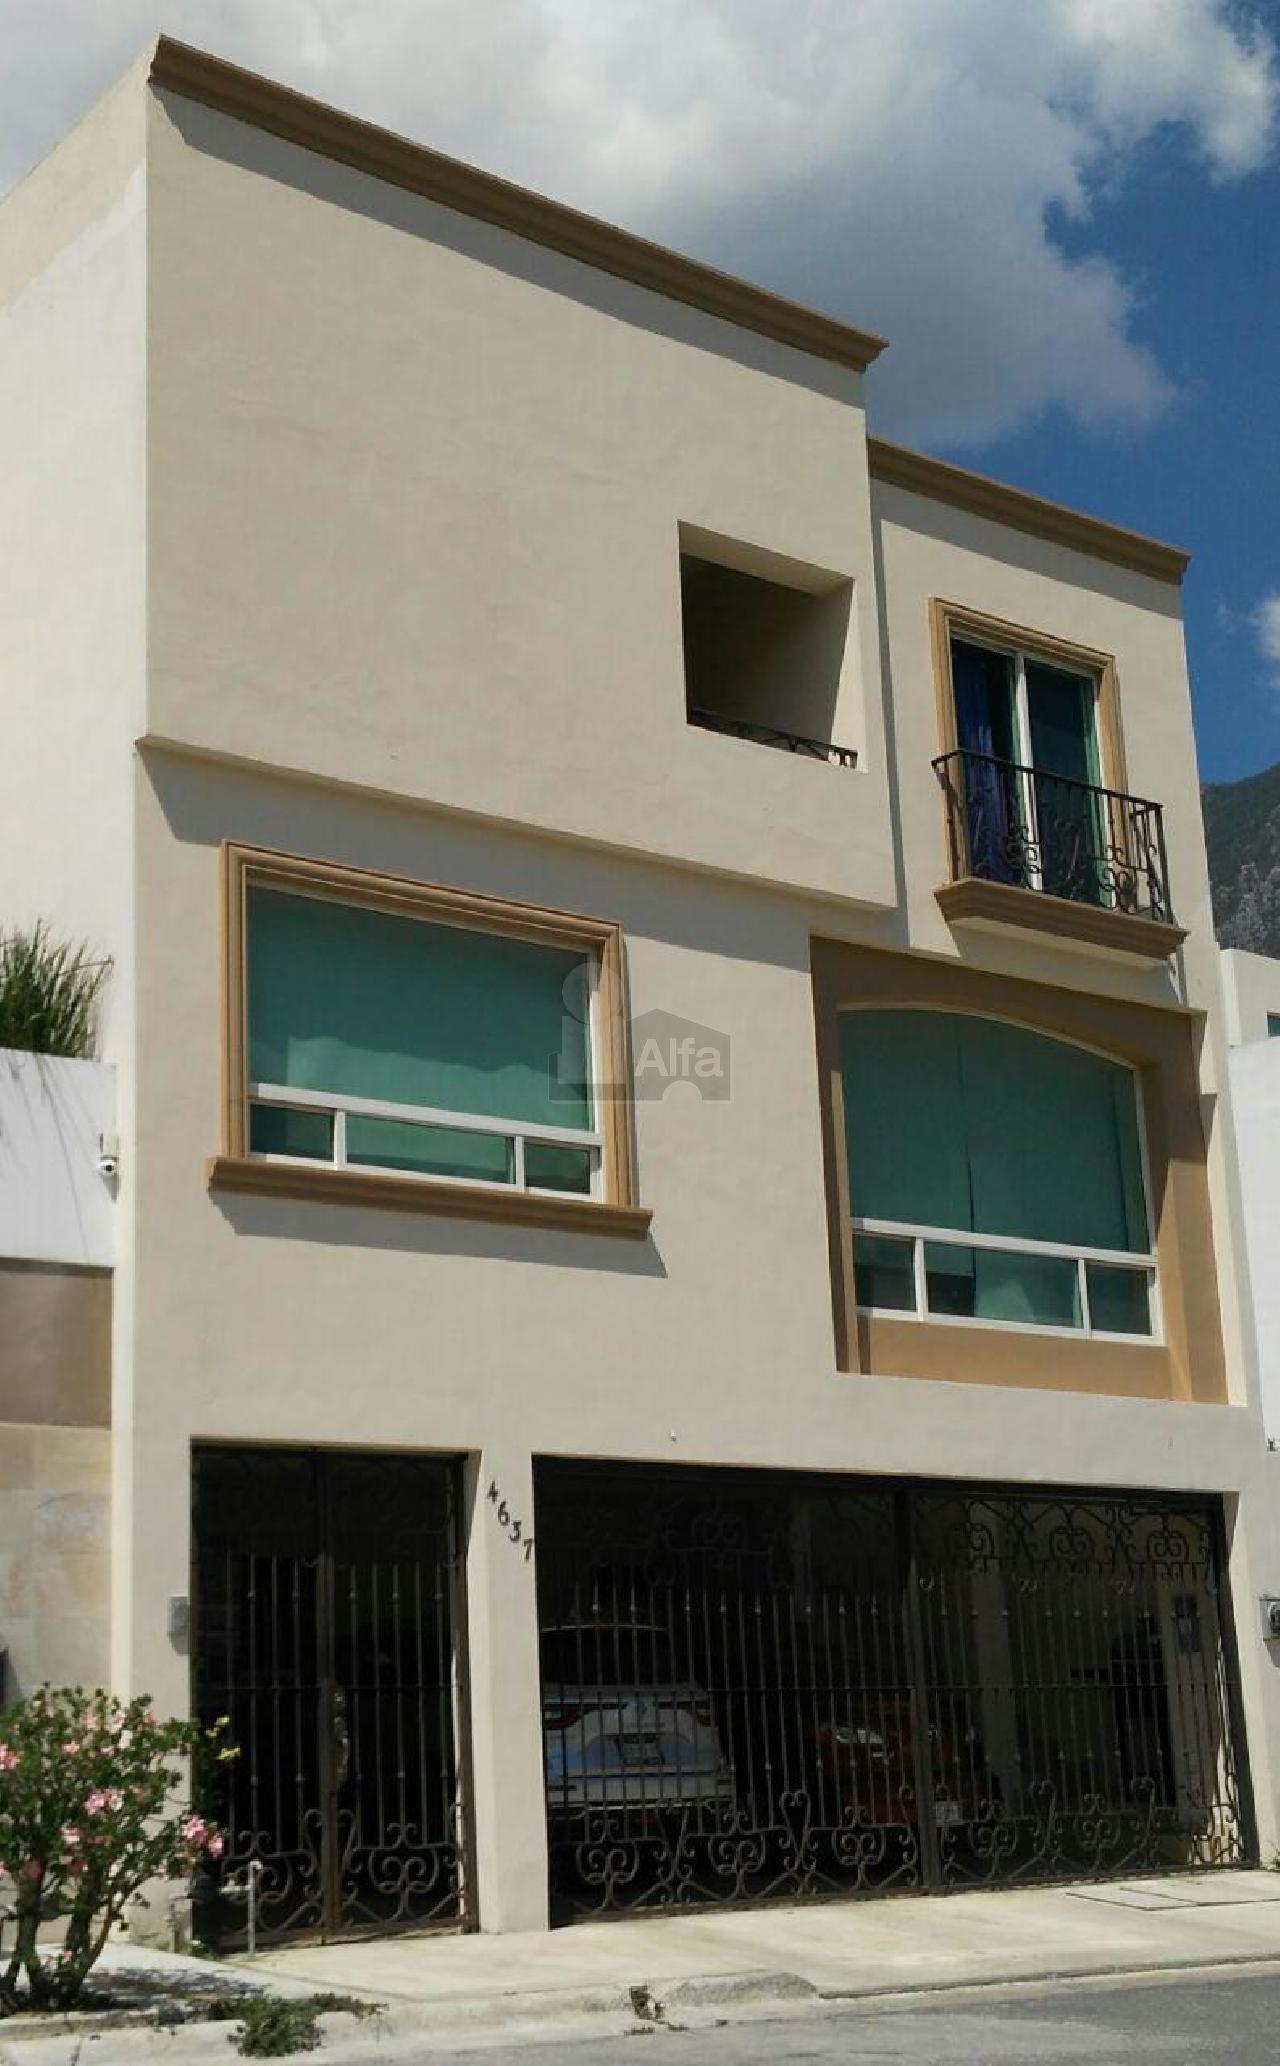 Casa en renta brisas la punta monterrey 3 habitaciones for Renta de casas en monterrey